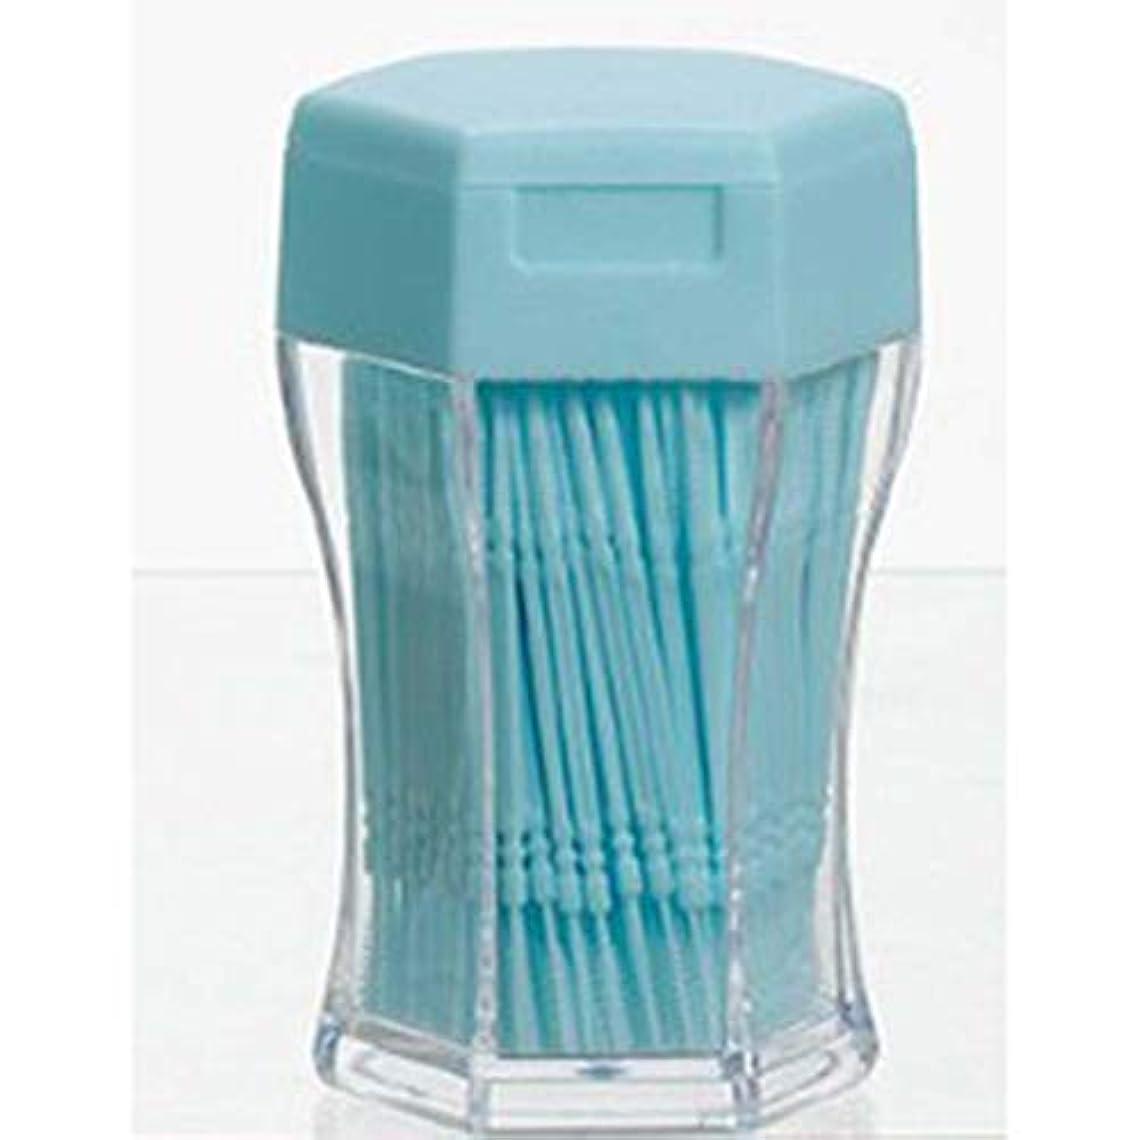 教える微妙誤解させる200ピース/セットダブルヘッド歯フロス衛生デンタルフロスプラスチック歯間つまようじ健康用歯のクリーニングオーラルケア(Color:blue)